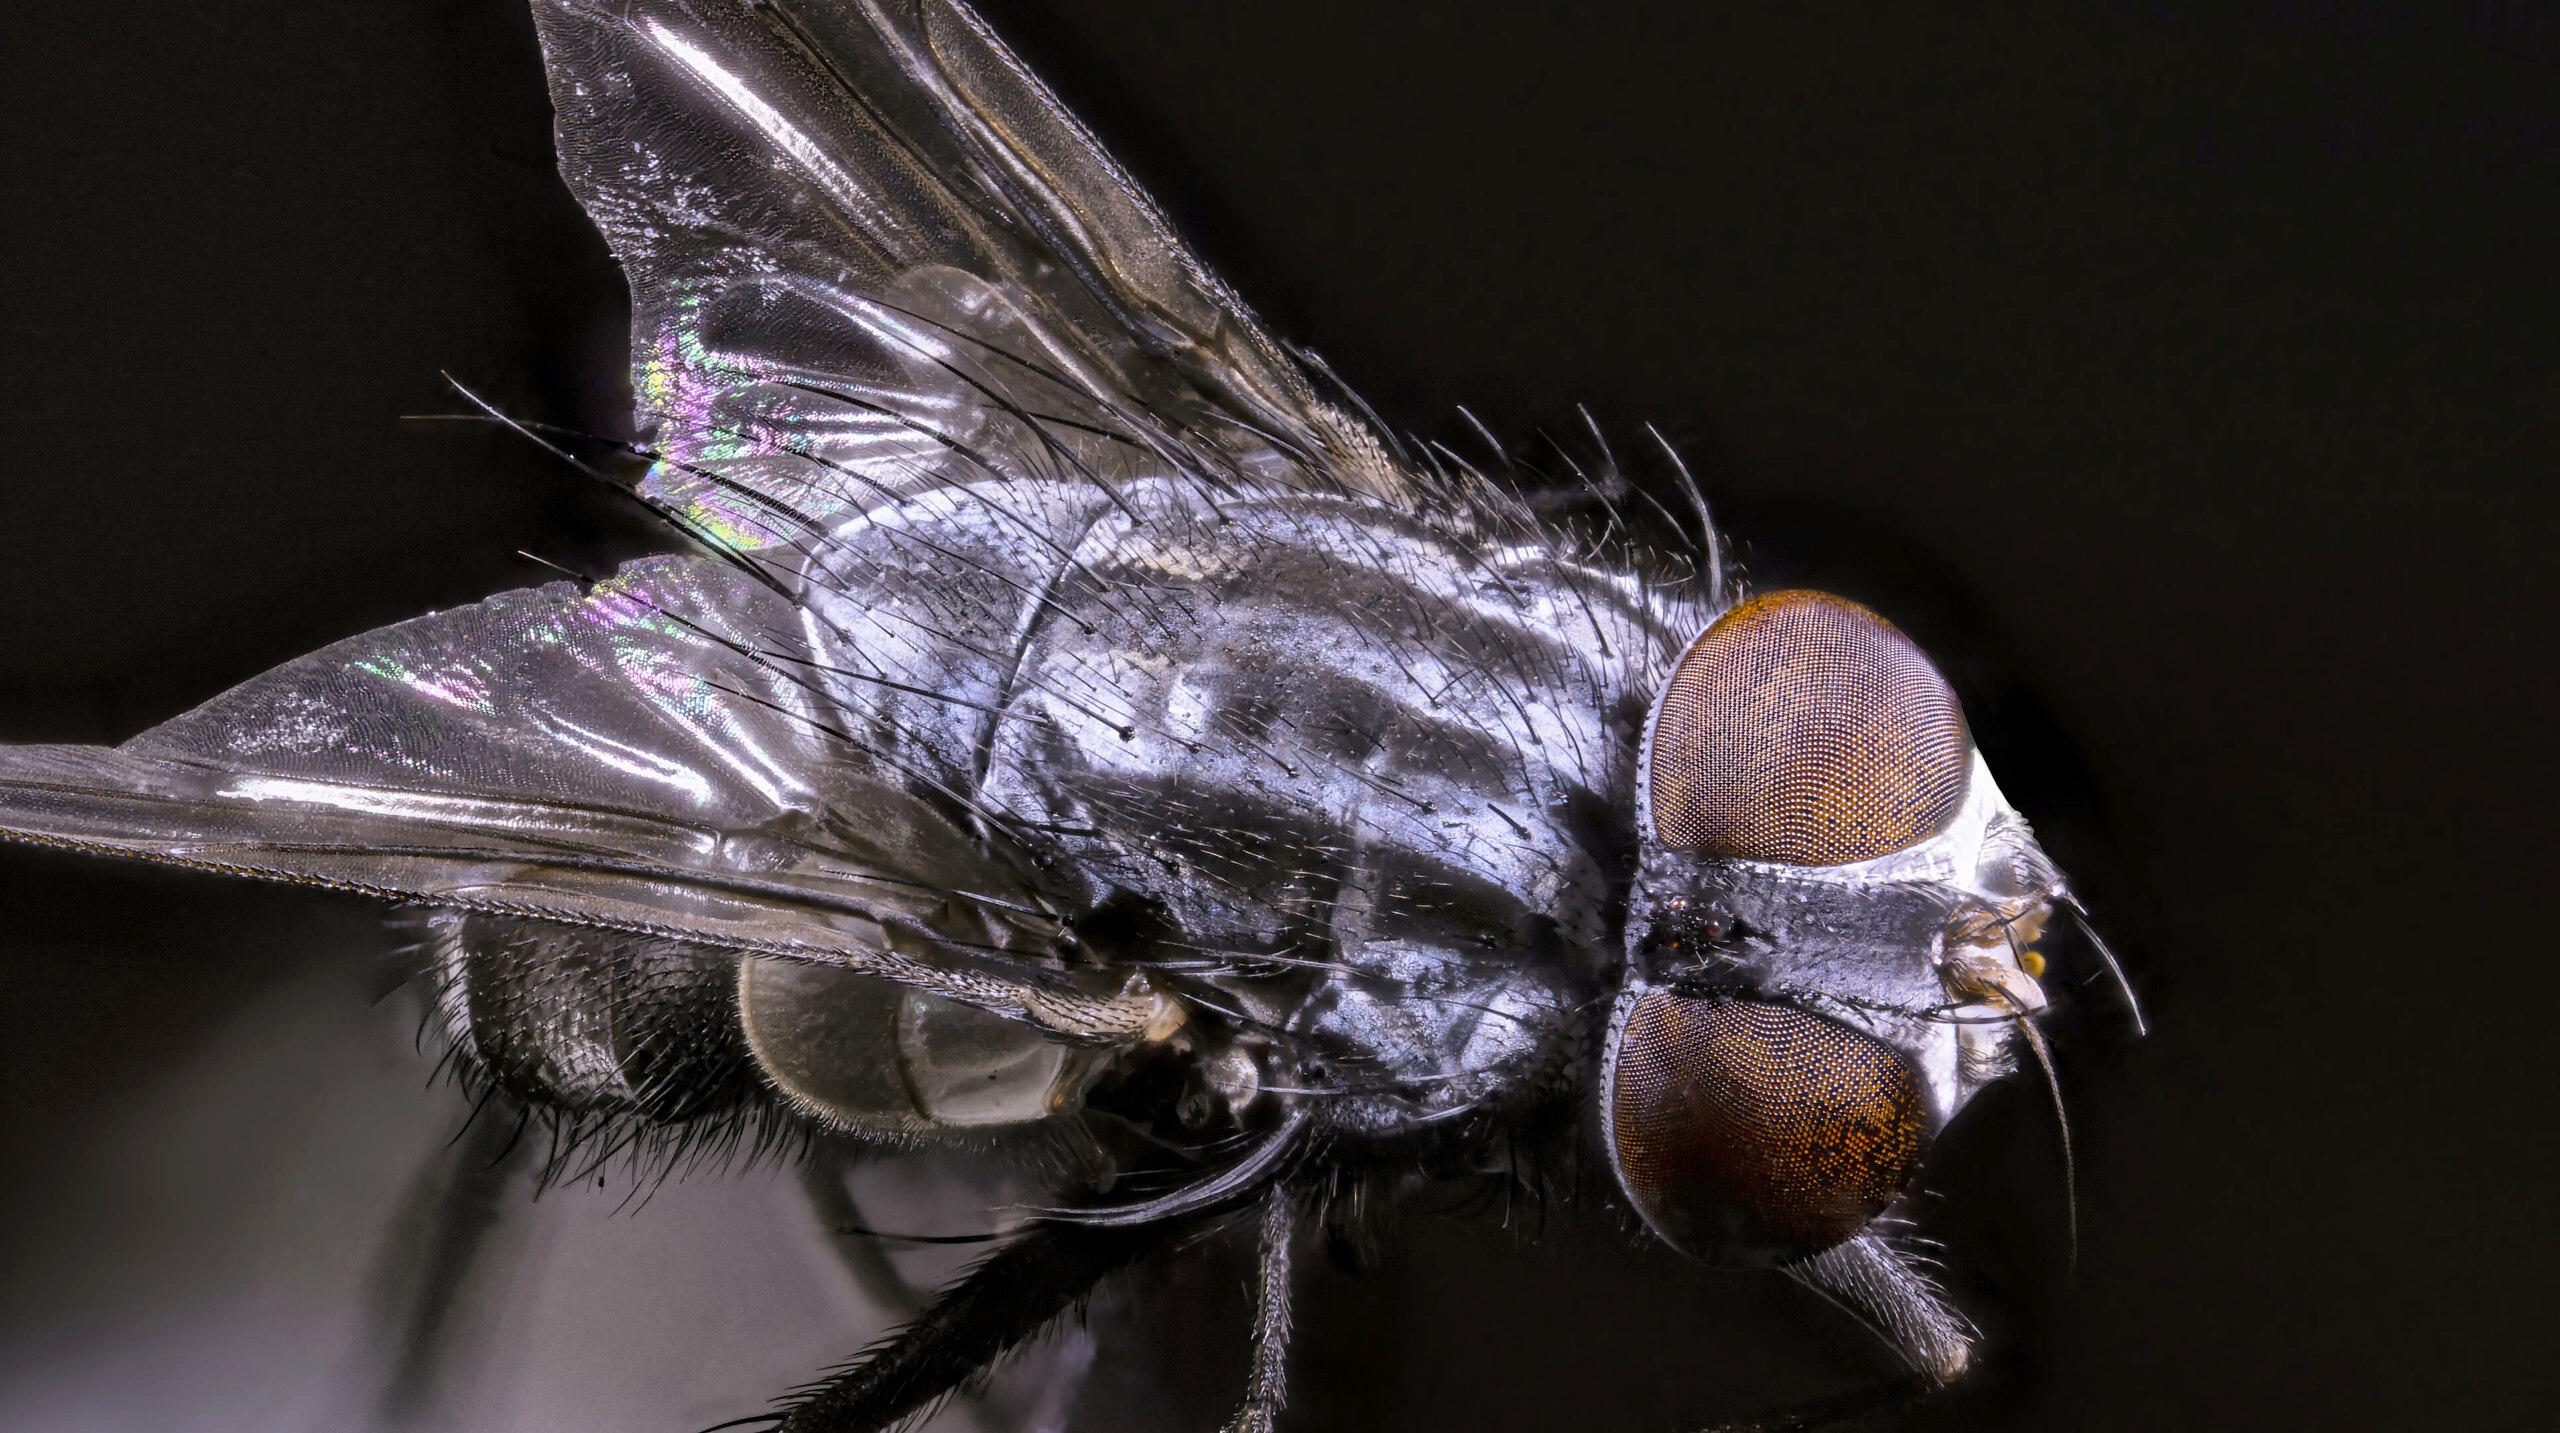 [cf. Synthesiomyia nudiseta] Muscidae (?) 2020-116